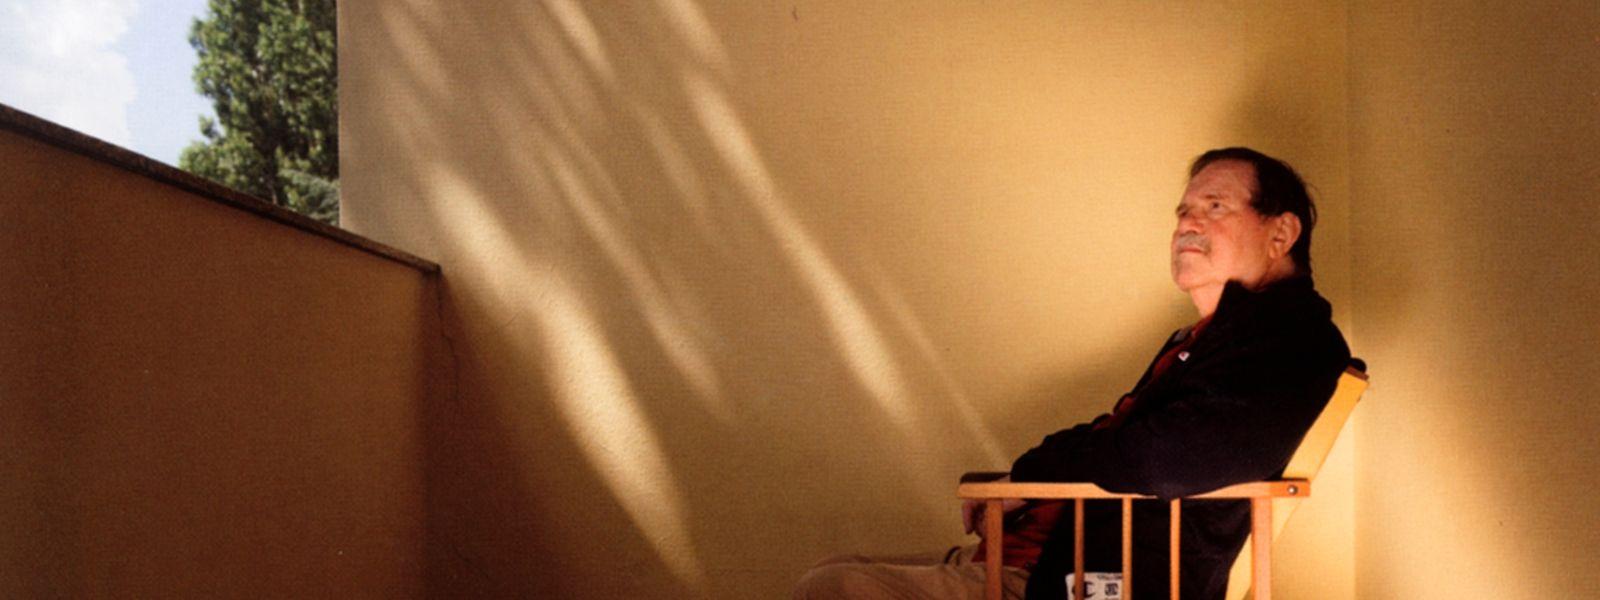 Als Denker und Wegbereiter der zeitgenössischen Luxemburgistik bleibt Cornel Meder in Erinnerung.